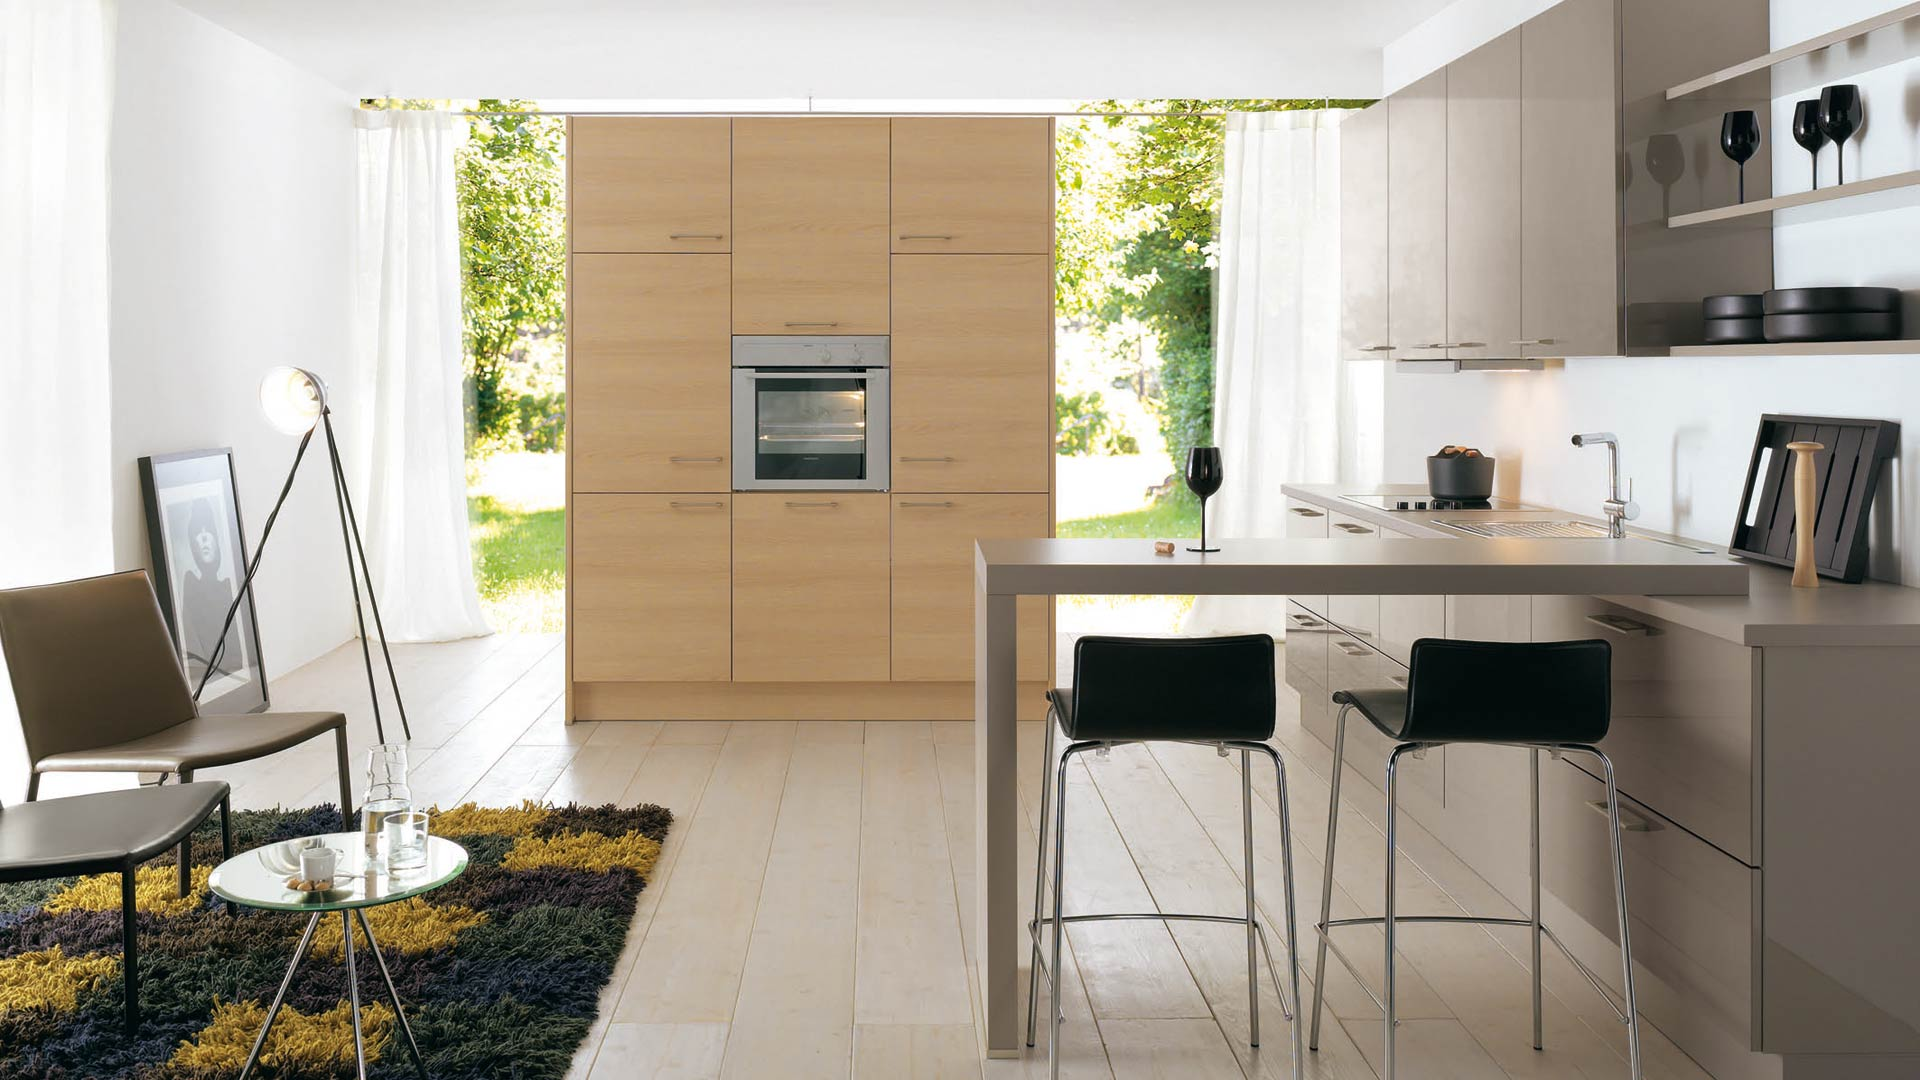 Küchen Bocholt emv wohnlust küchen in borken nahe bocholt möbel euting